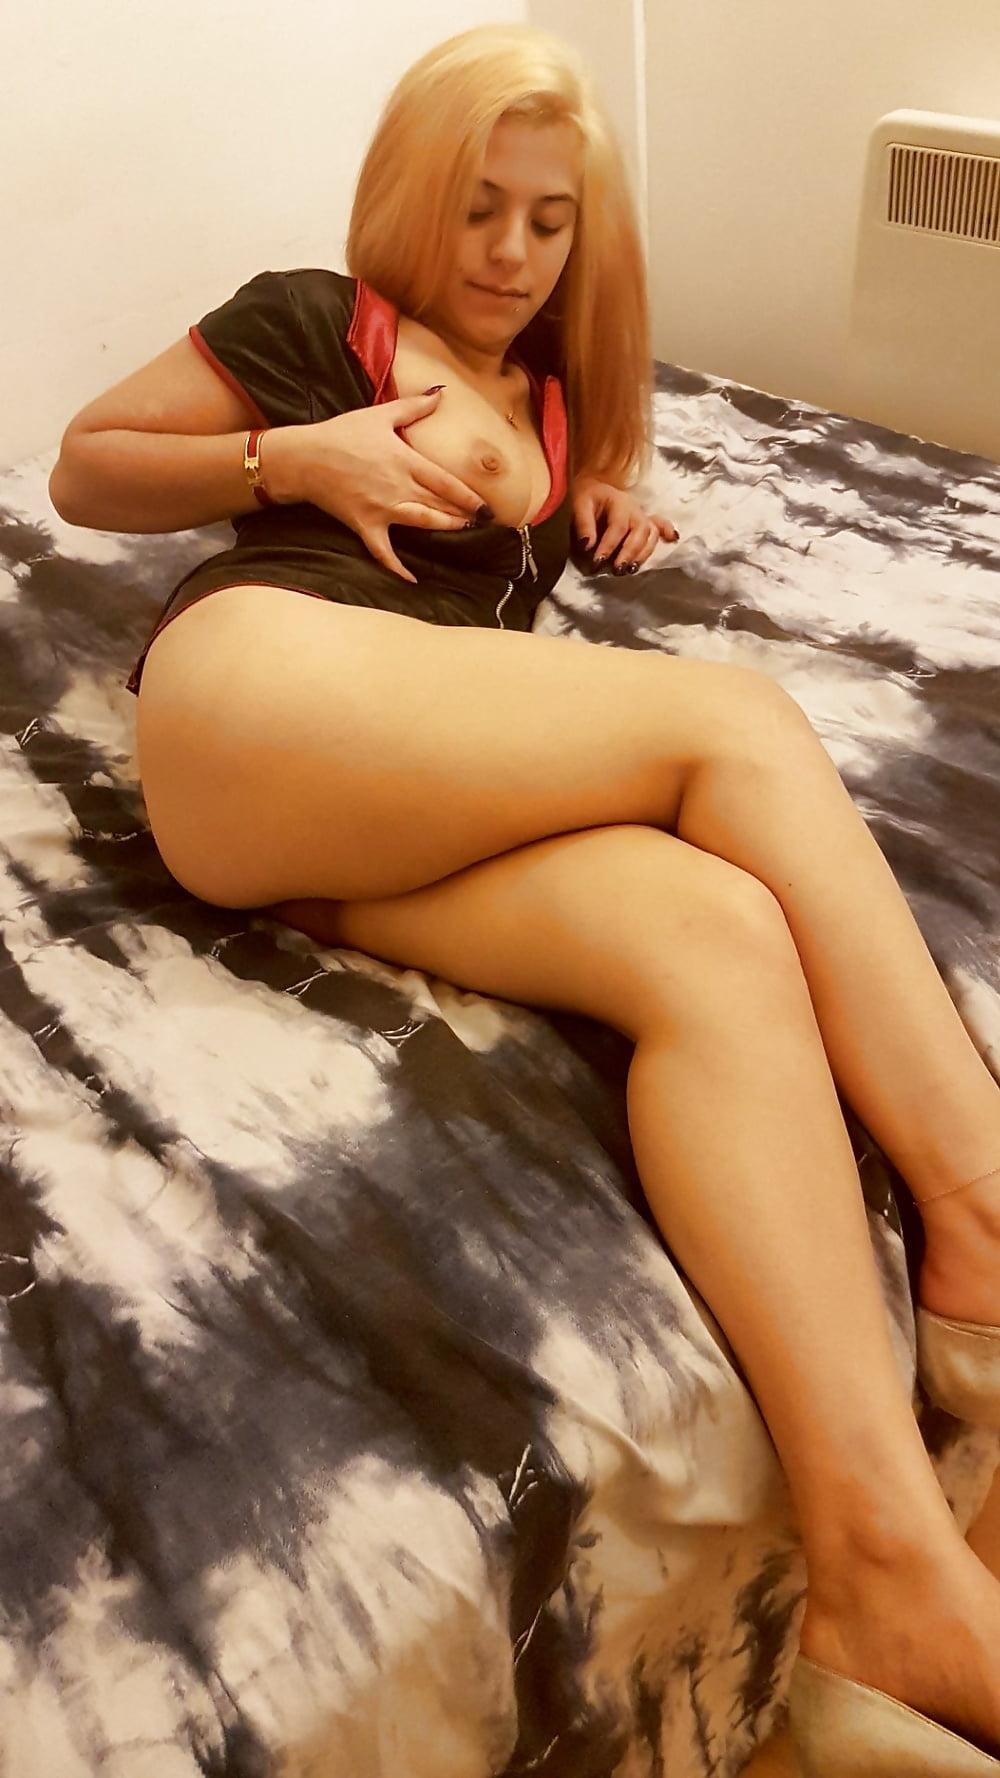 Hot sexy women near me-3023